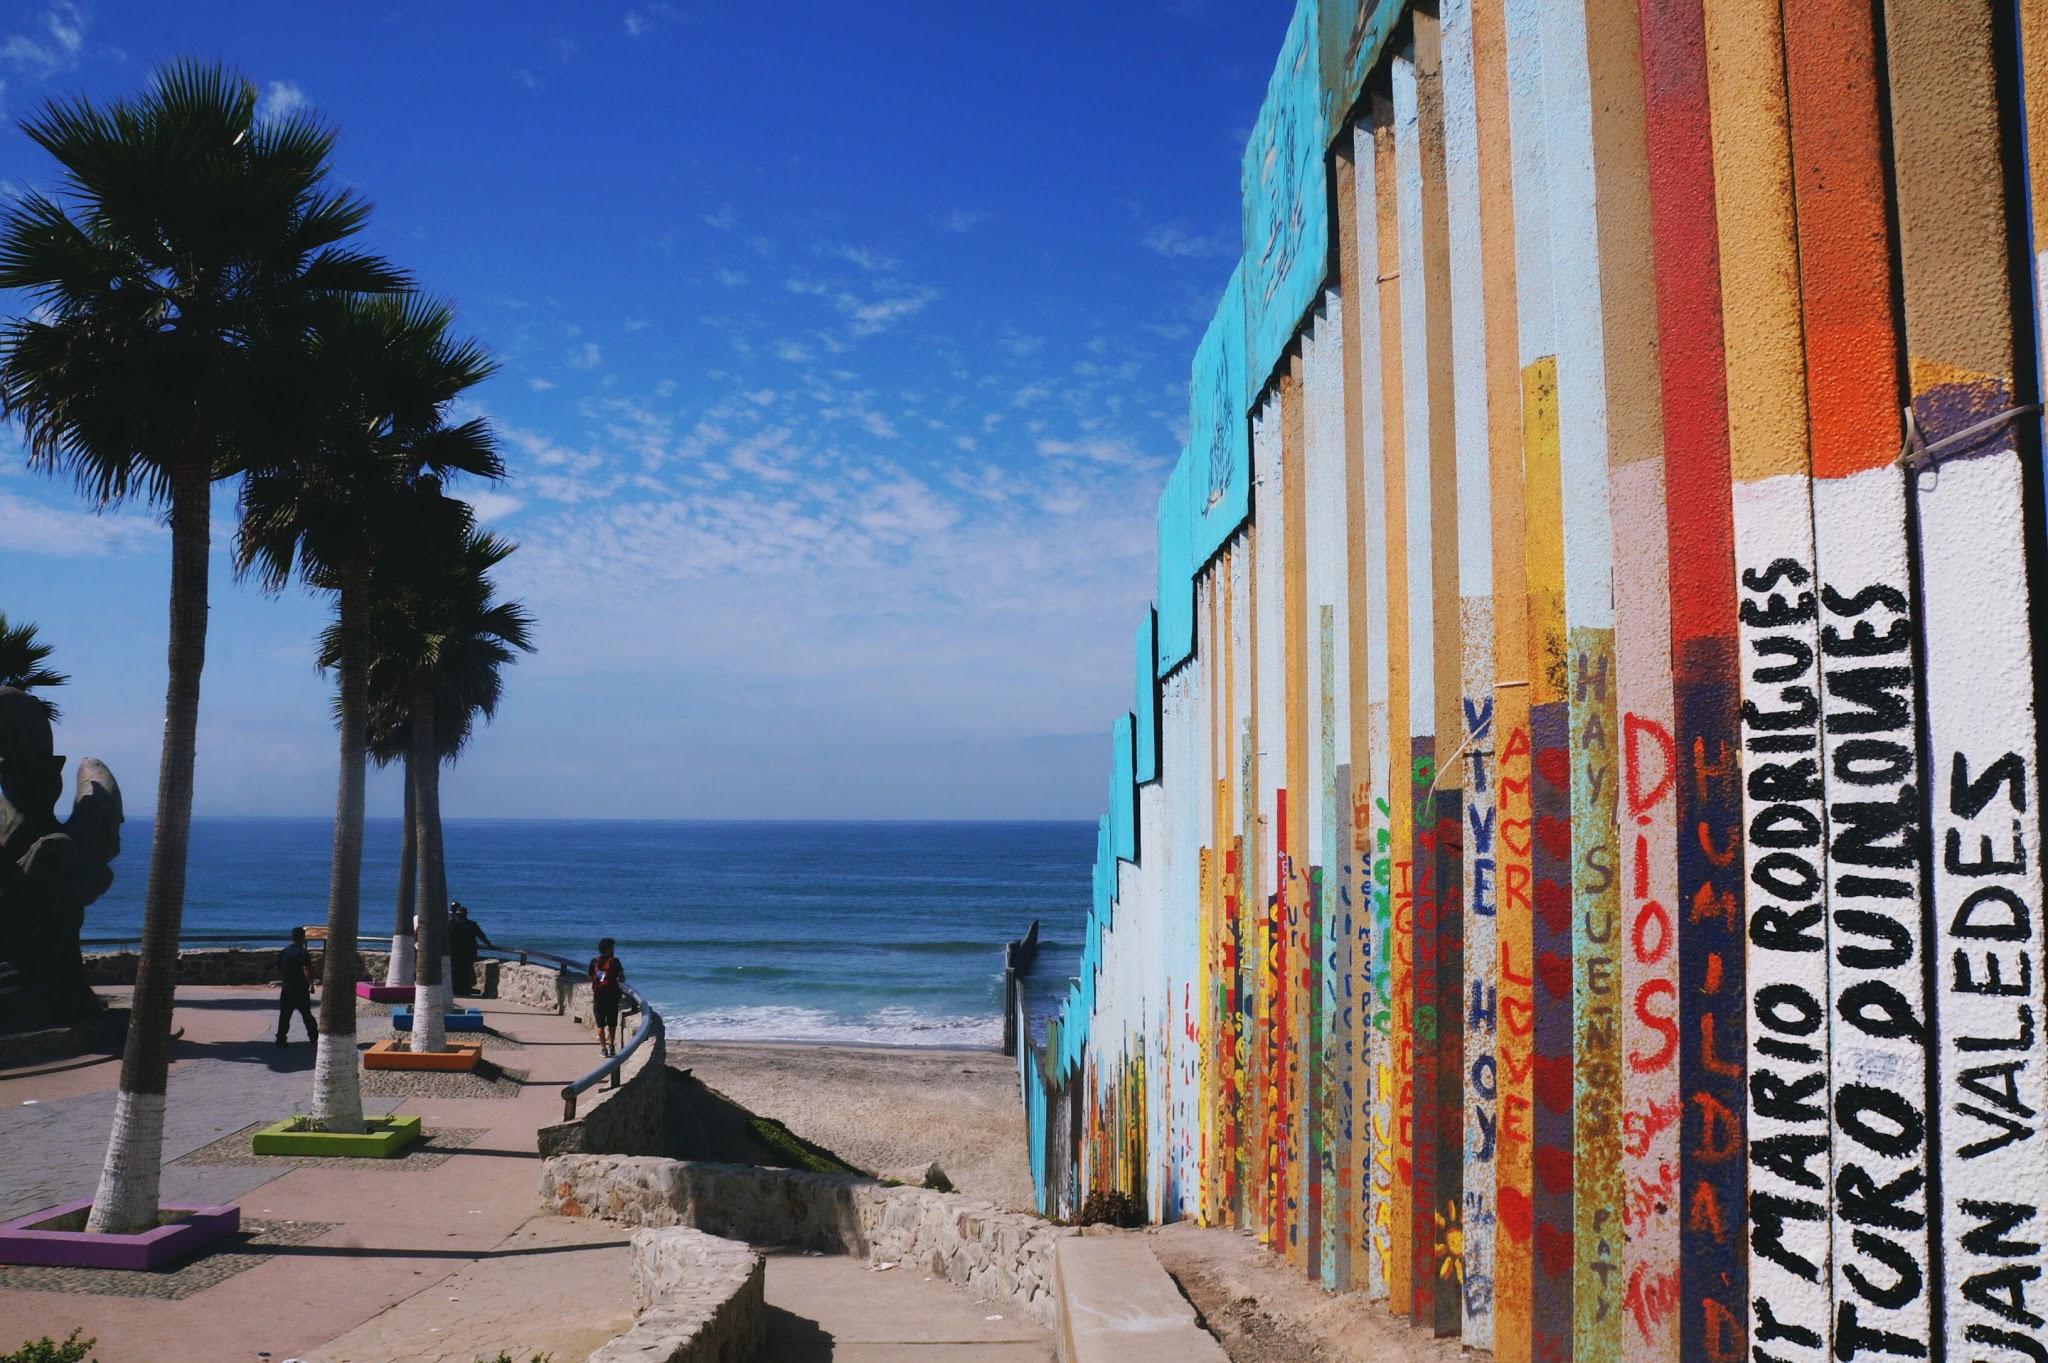 Things To Do at Playas de Tijuana, Mexico playas de tijuana tijuana beach tijuana beaches tijuana mexico tijuana mexico beach beach tijuana playa tijuana